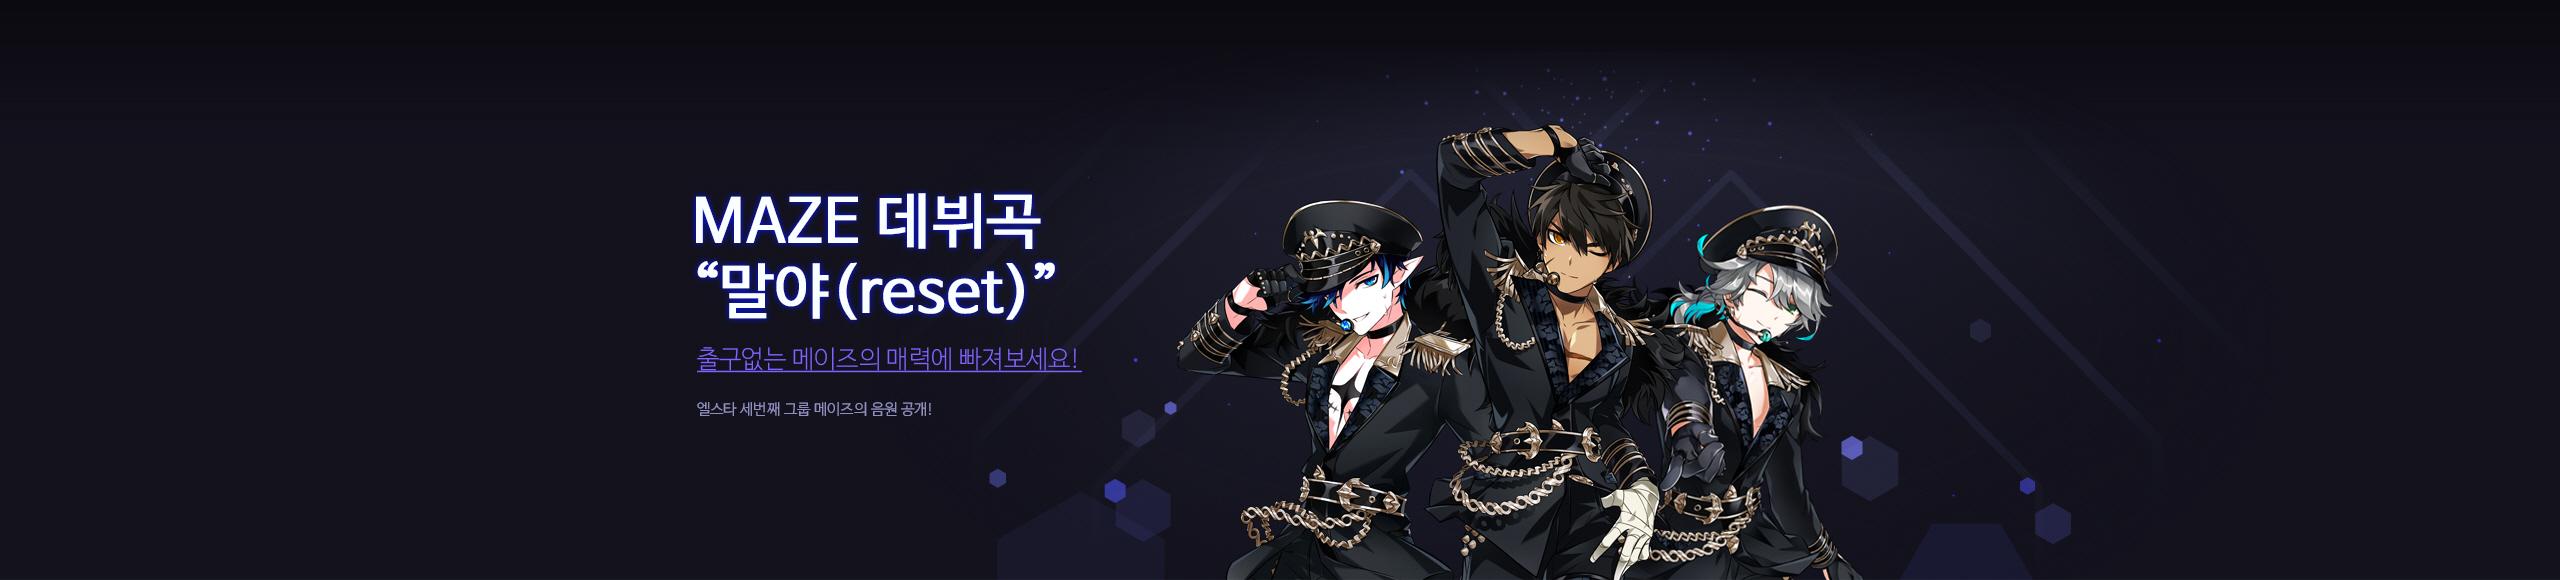 메이즈 음원 발매